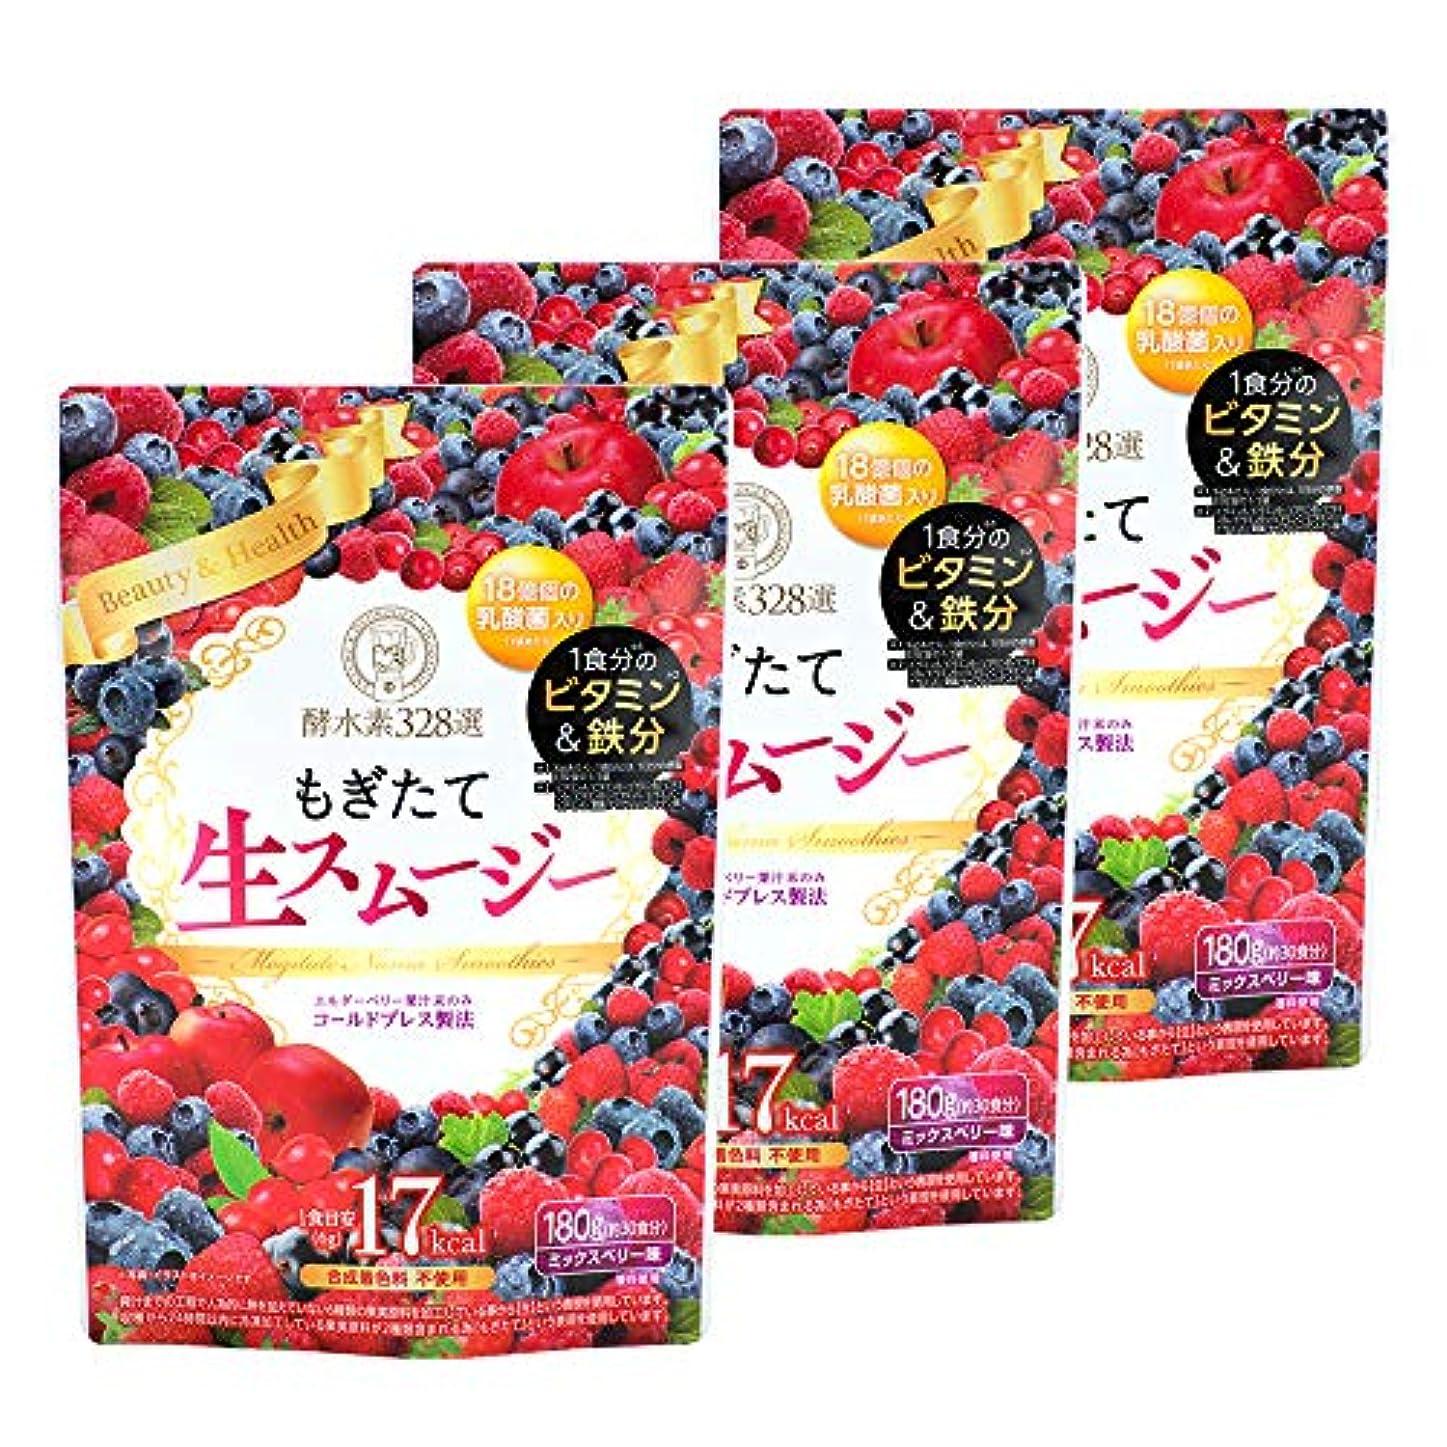 作曲する仮装シーサイド【公式】酵水素328選 もぎたて生スムージー 3袋セット (ミックスベリー味)